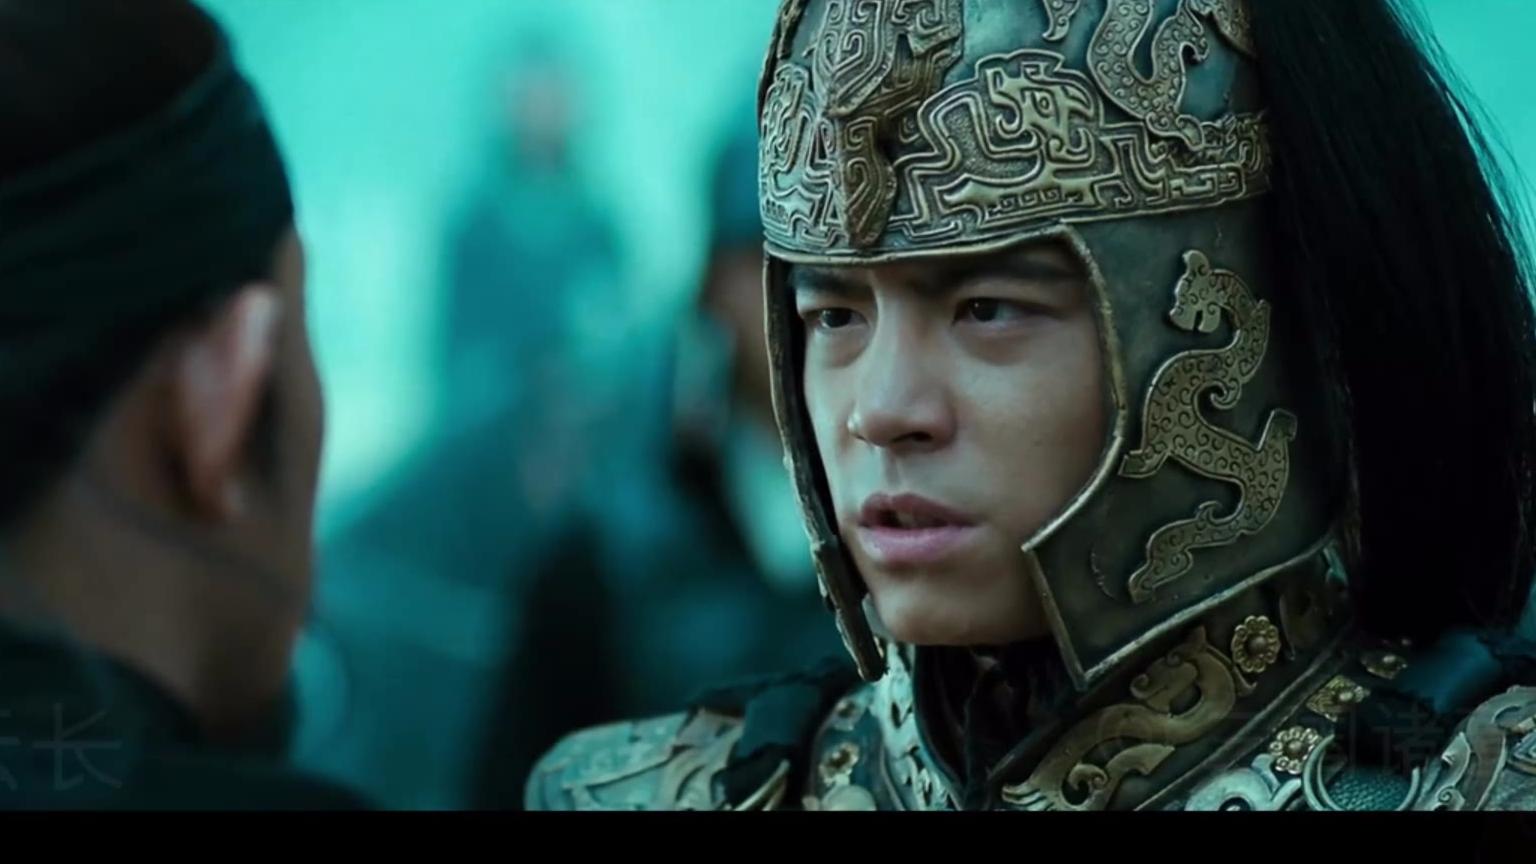 【三国太乱】关羽砍赵云杀汉献帝,还爱上刘备妻子,在下无话可说